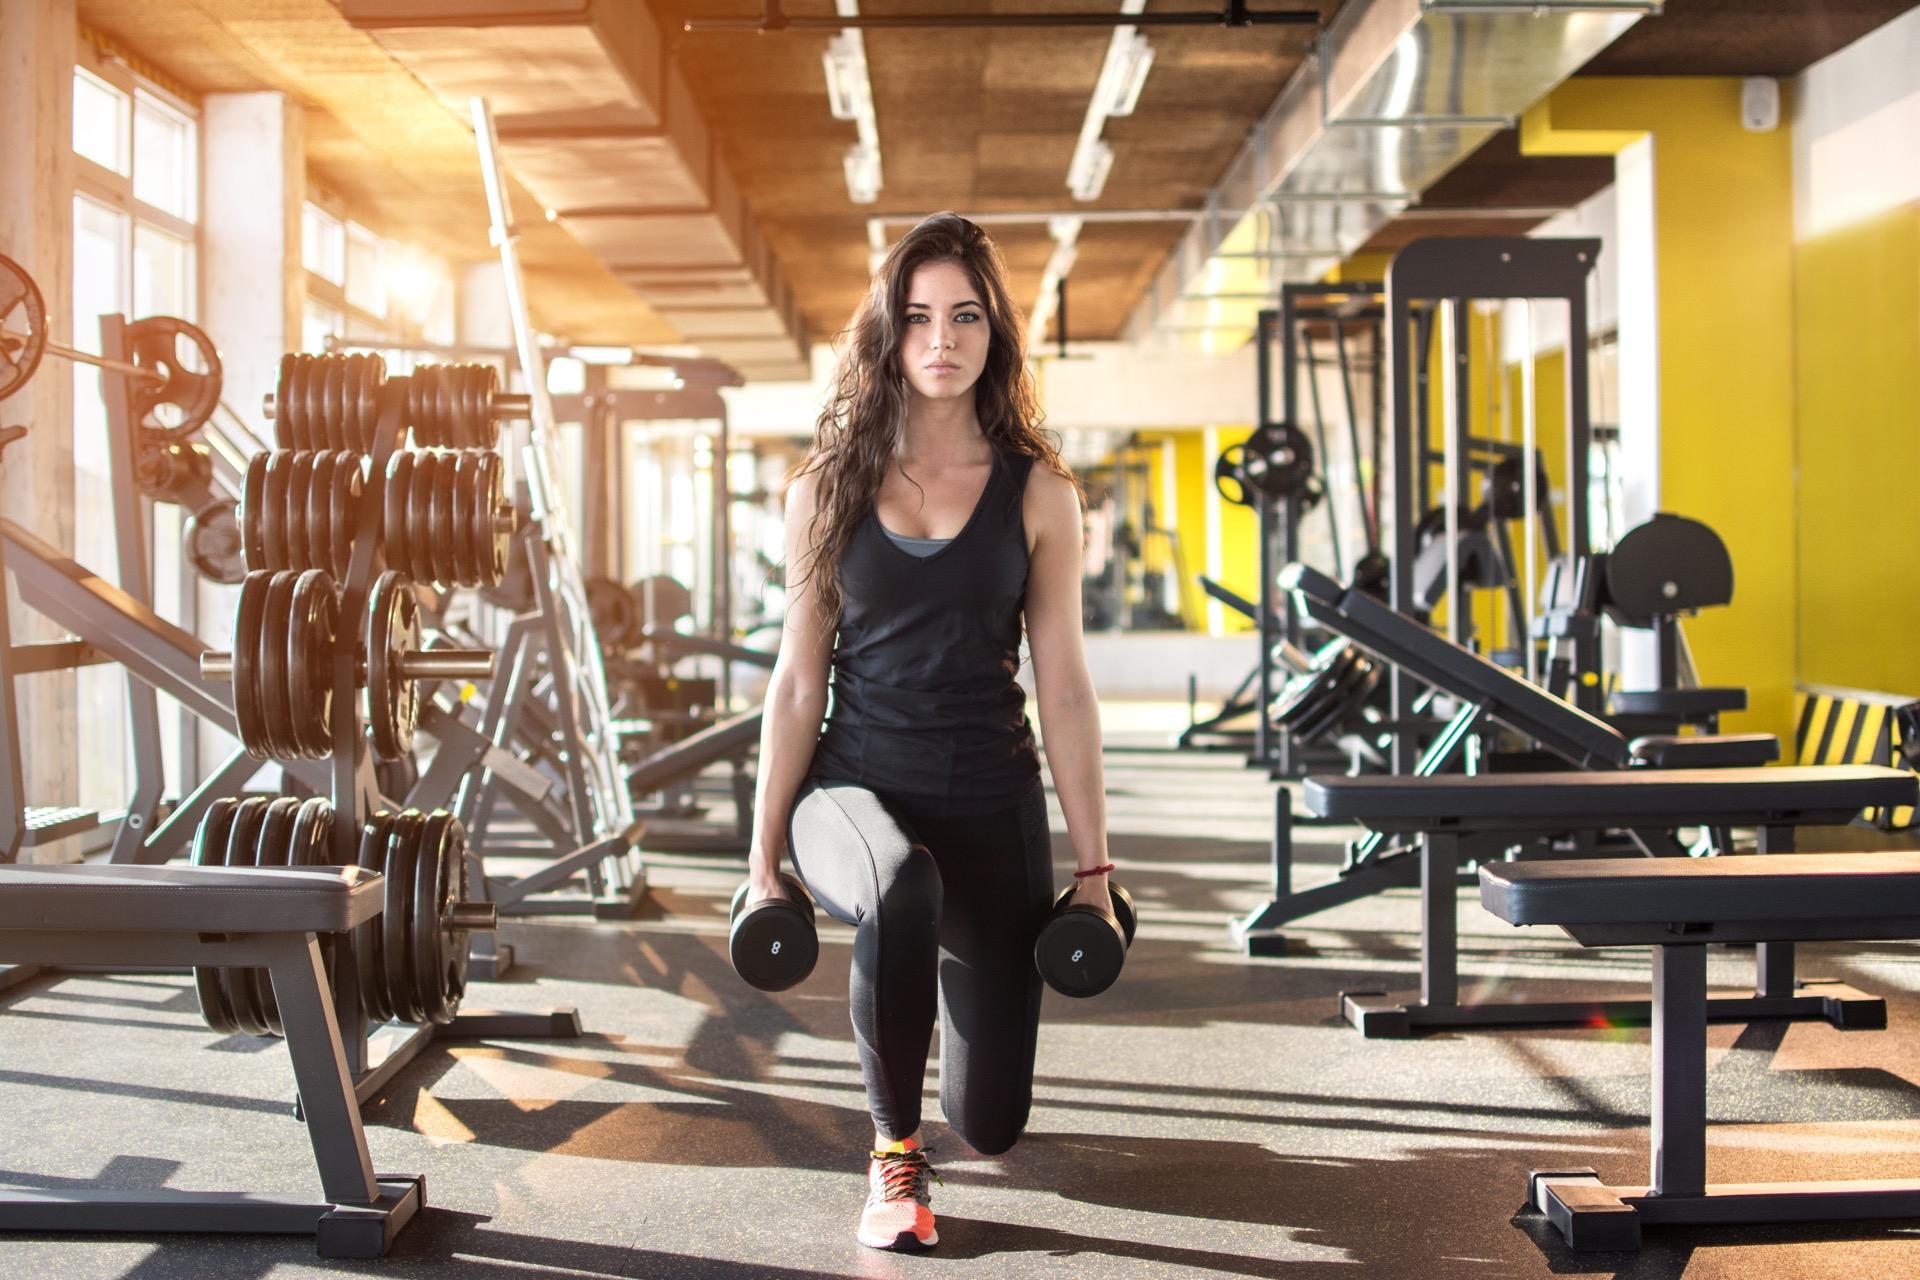 løping og styrketrening